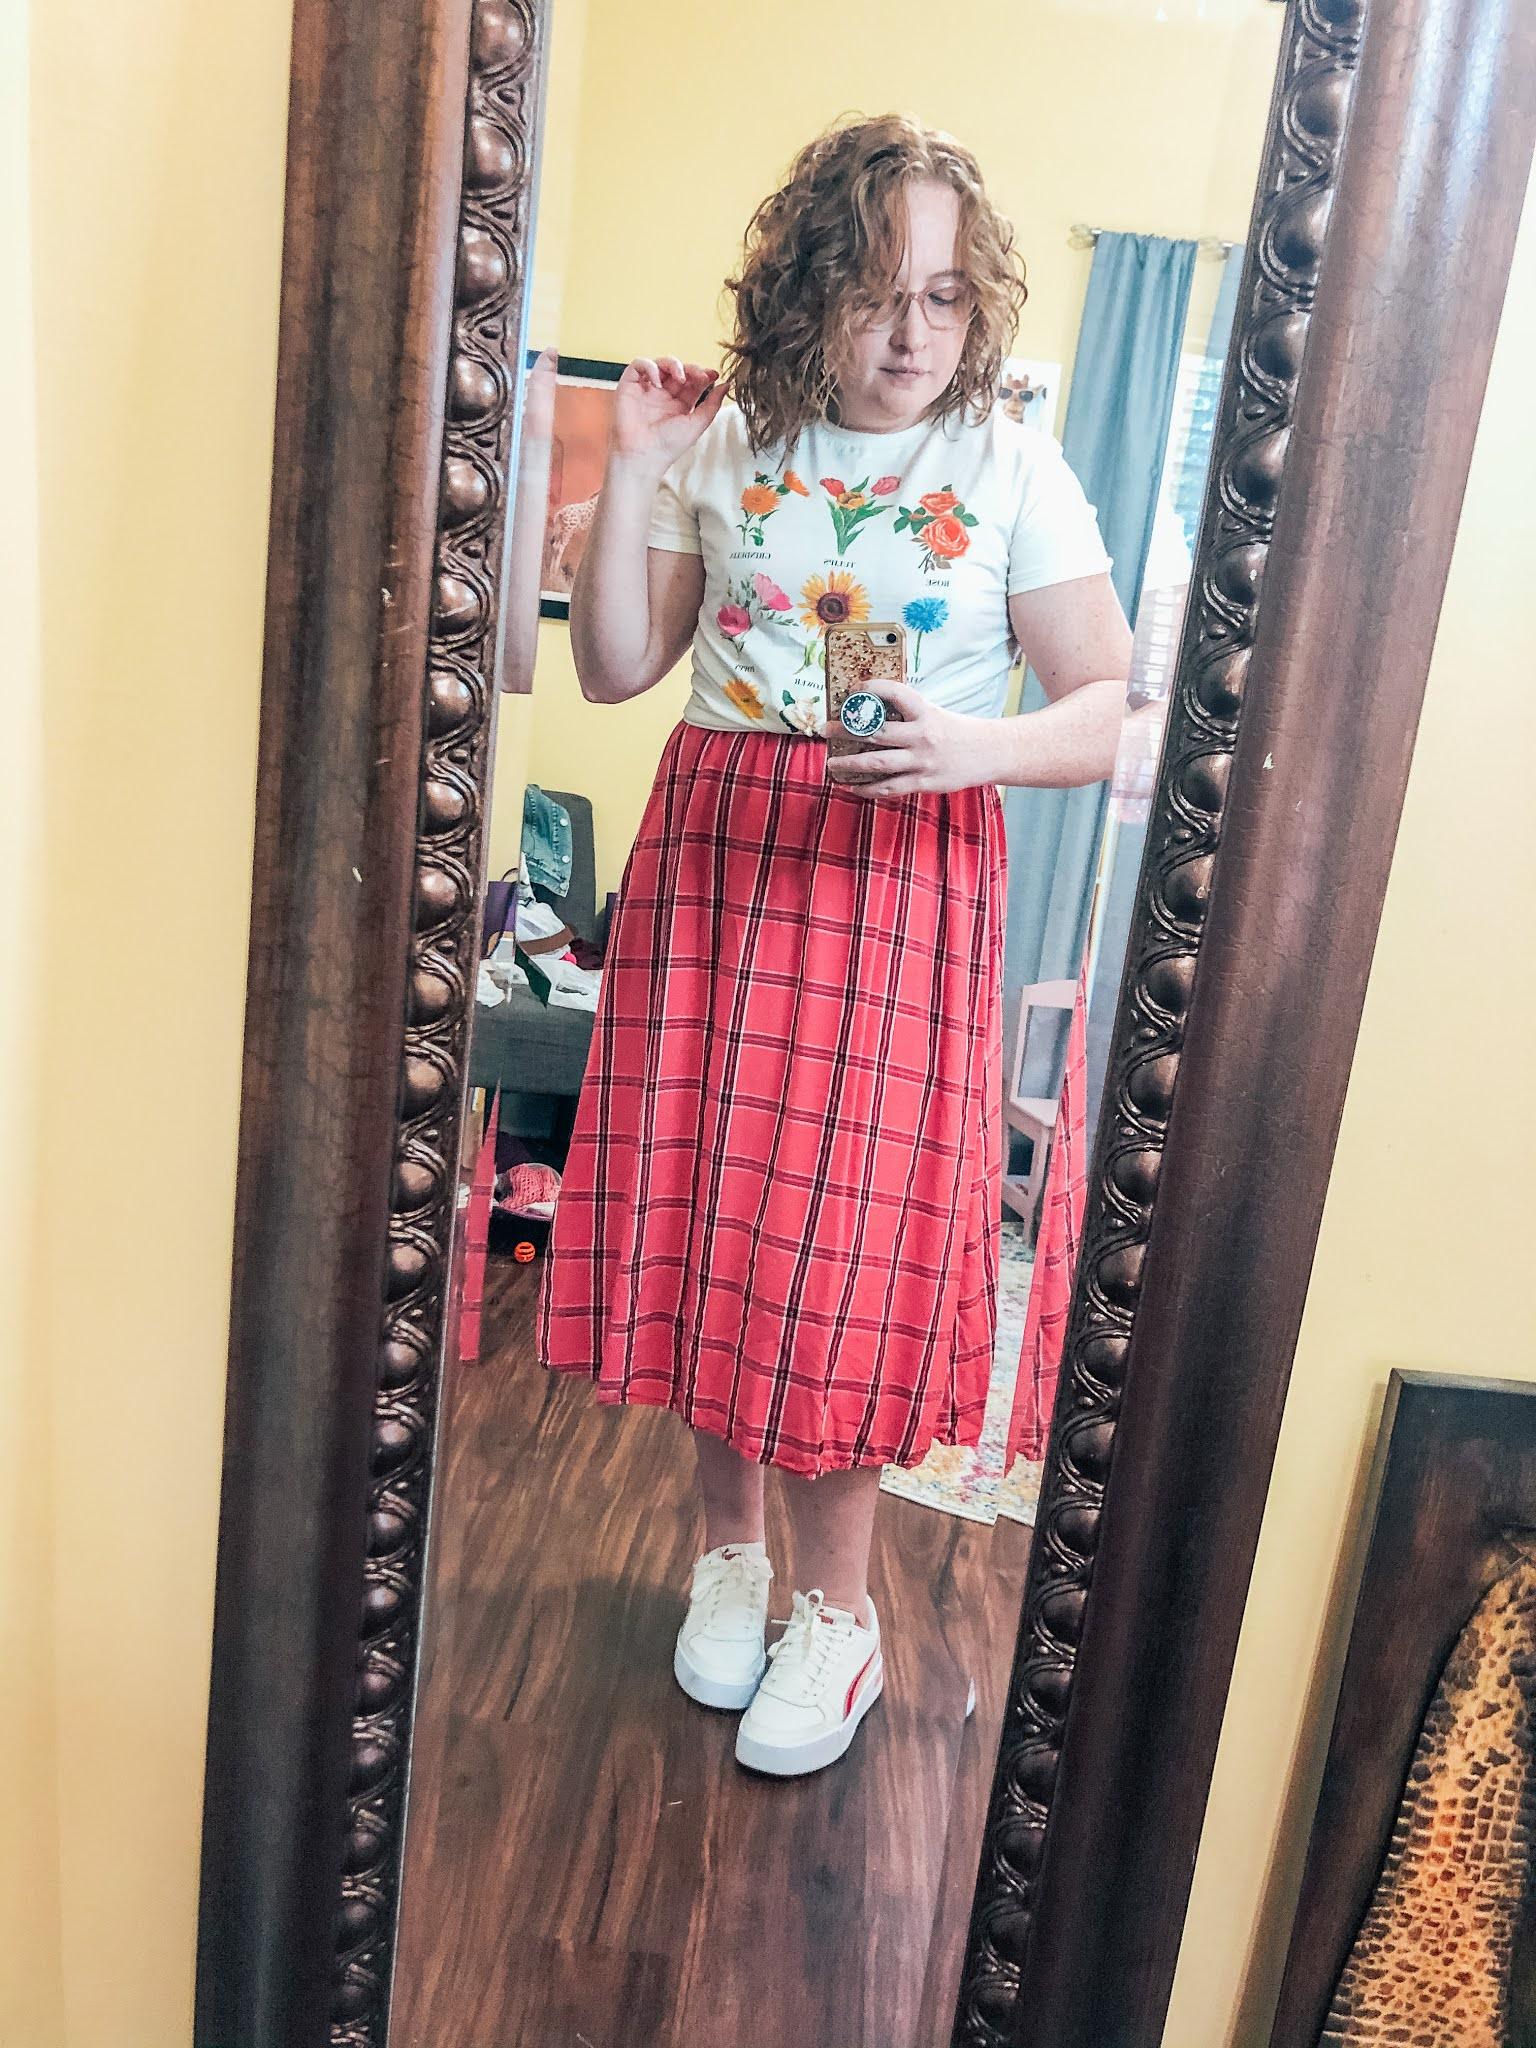 flower-tshirt-over-plaid-midi-dress-sneakers